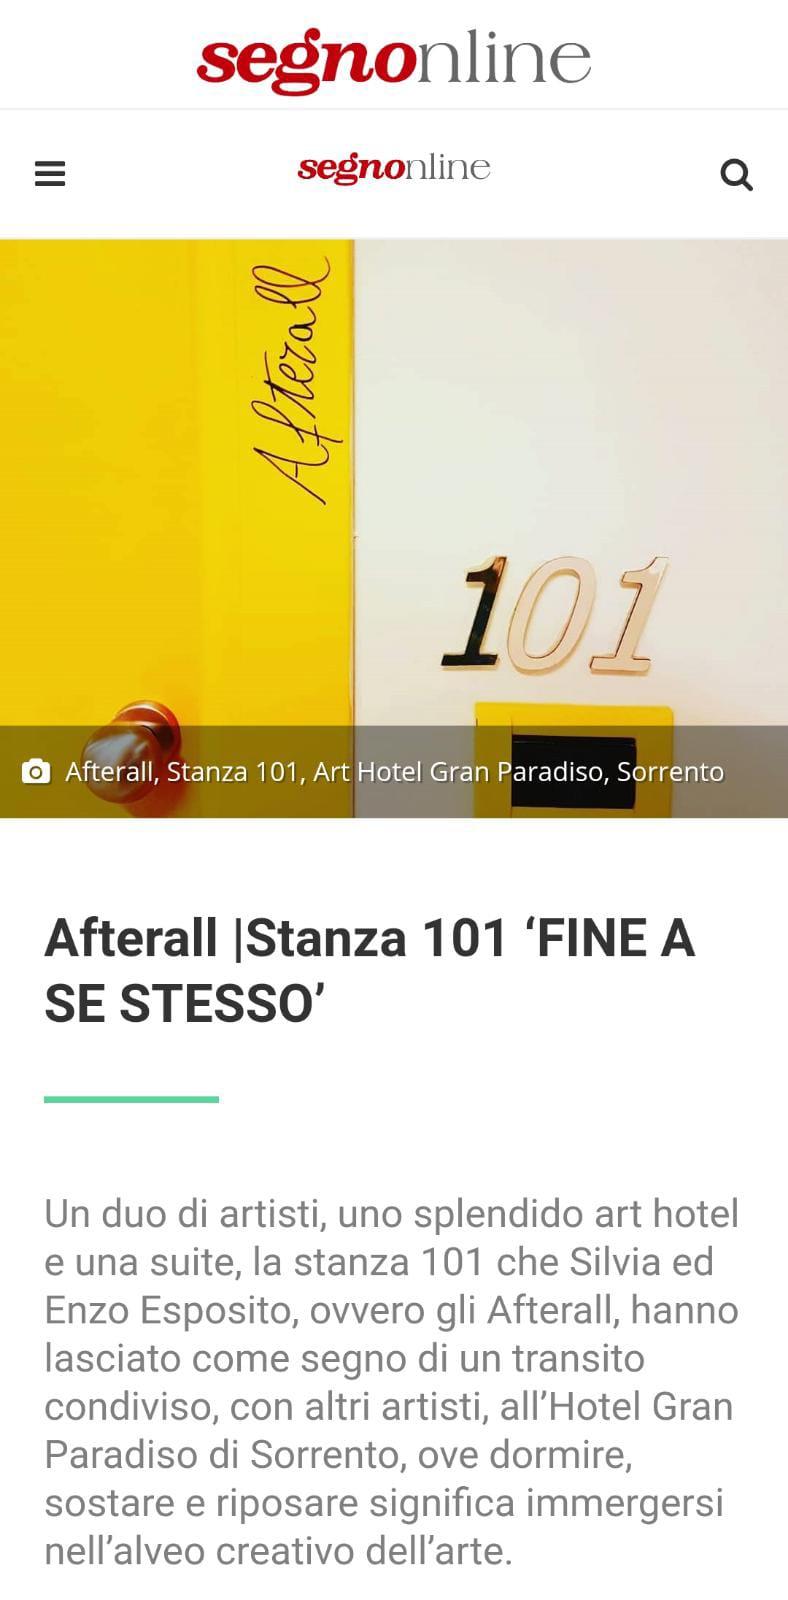 ART HOTEL GRAN PARADISO – SEGNONLINE – GIUGNO 2021